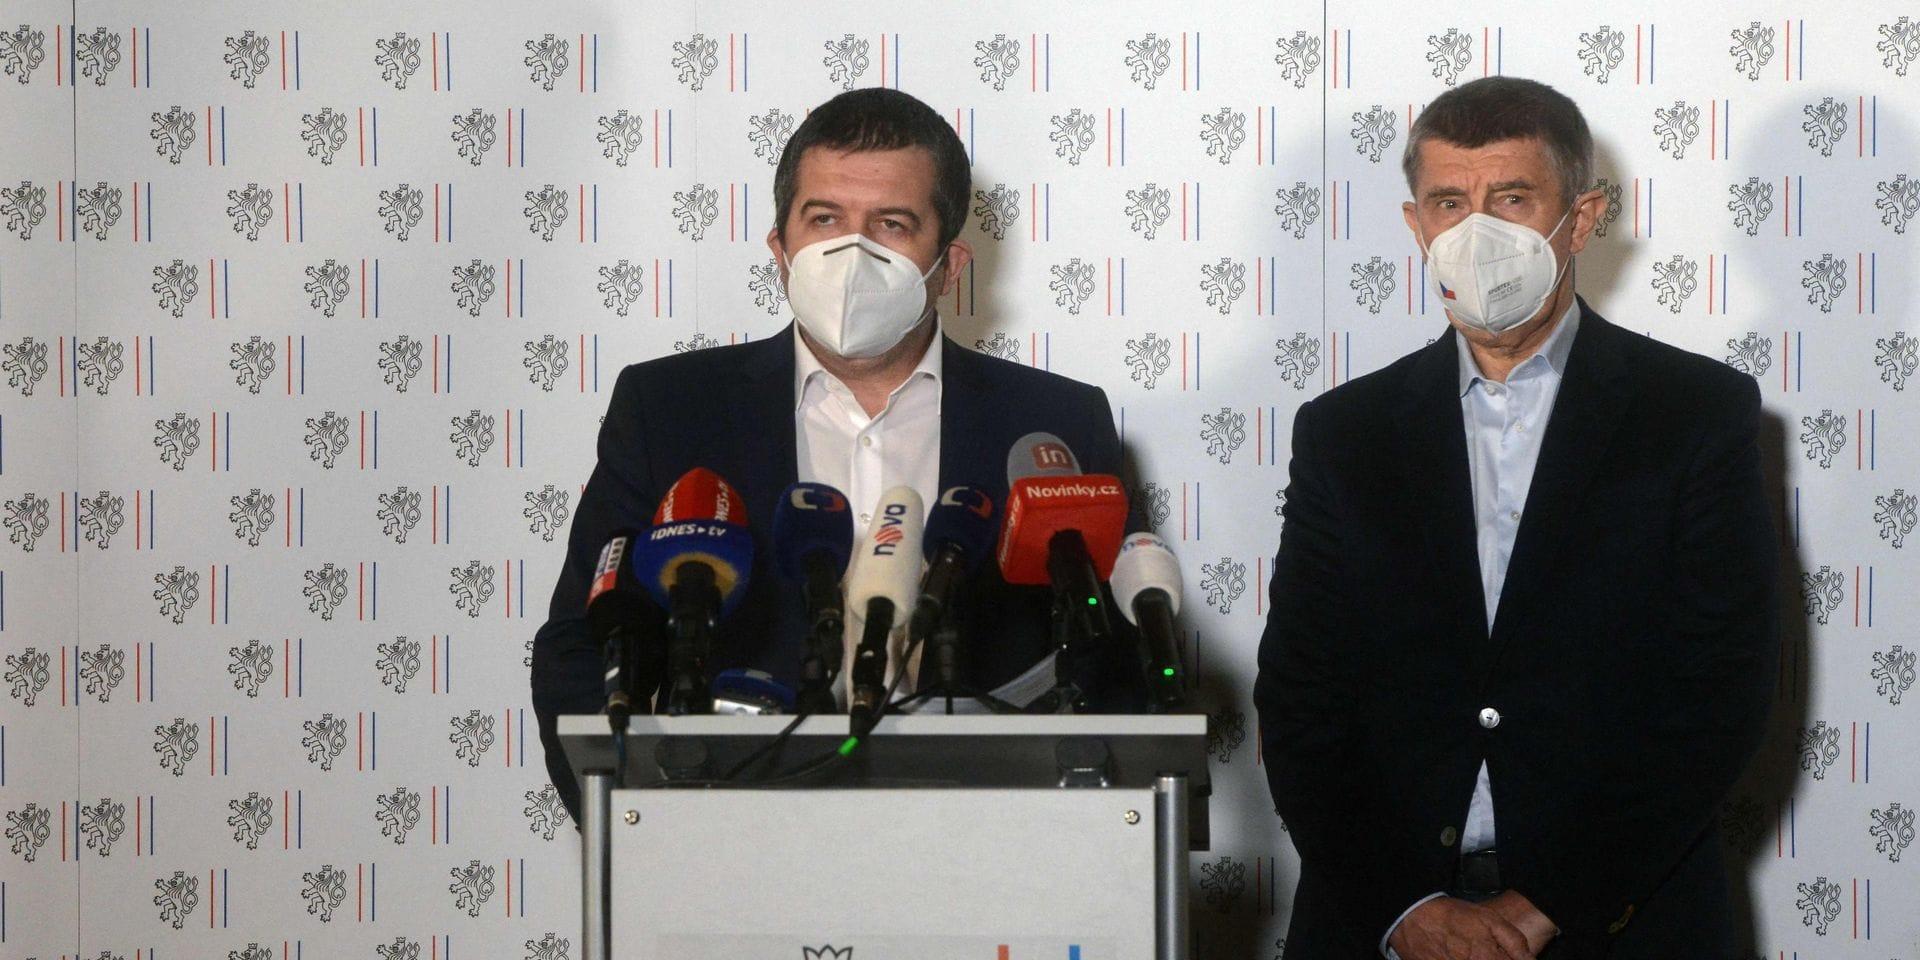 Le Premier ministre tchèque Andrej Babis (droite) et son ministre des Affaires étrangères Jan Hamacek (gauche).